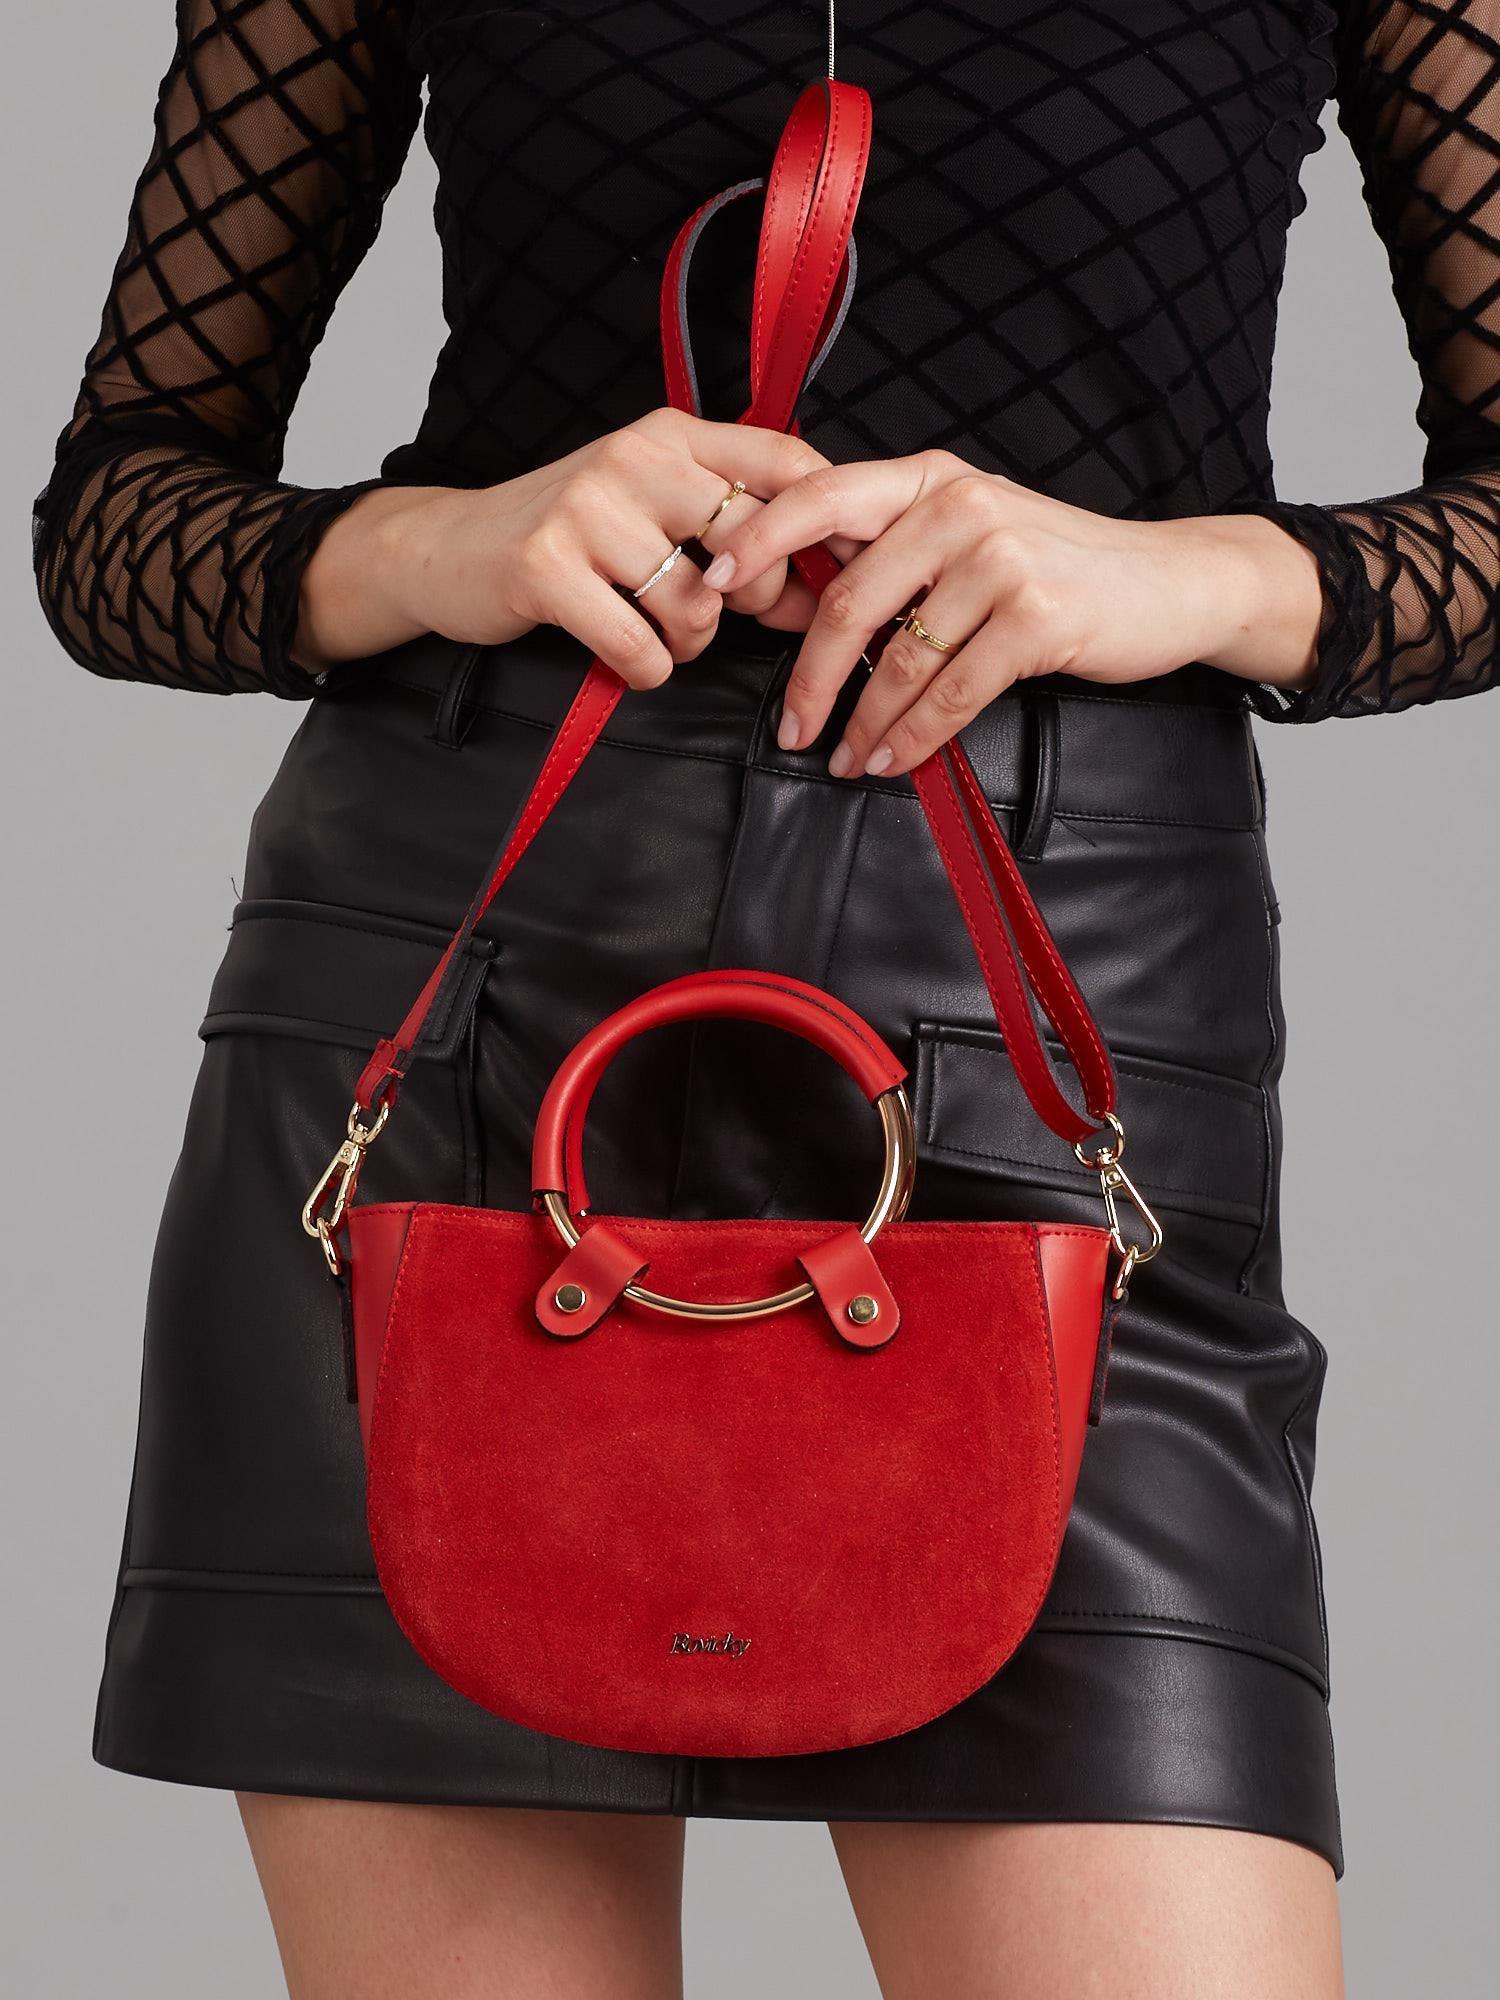 4ef23ad1b7d58 Czerwona mała torebka skórzana z okrągłym uchwytem - Akcesoria torba ...